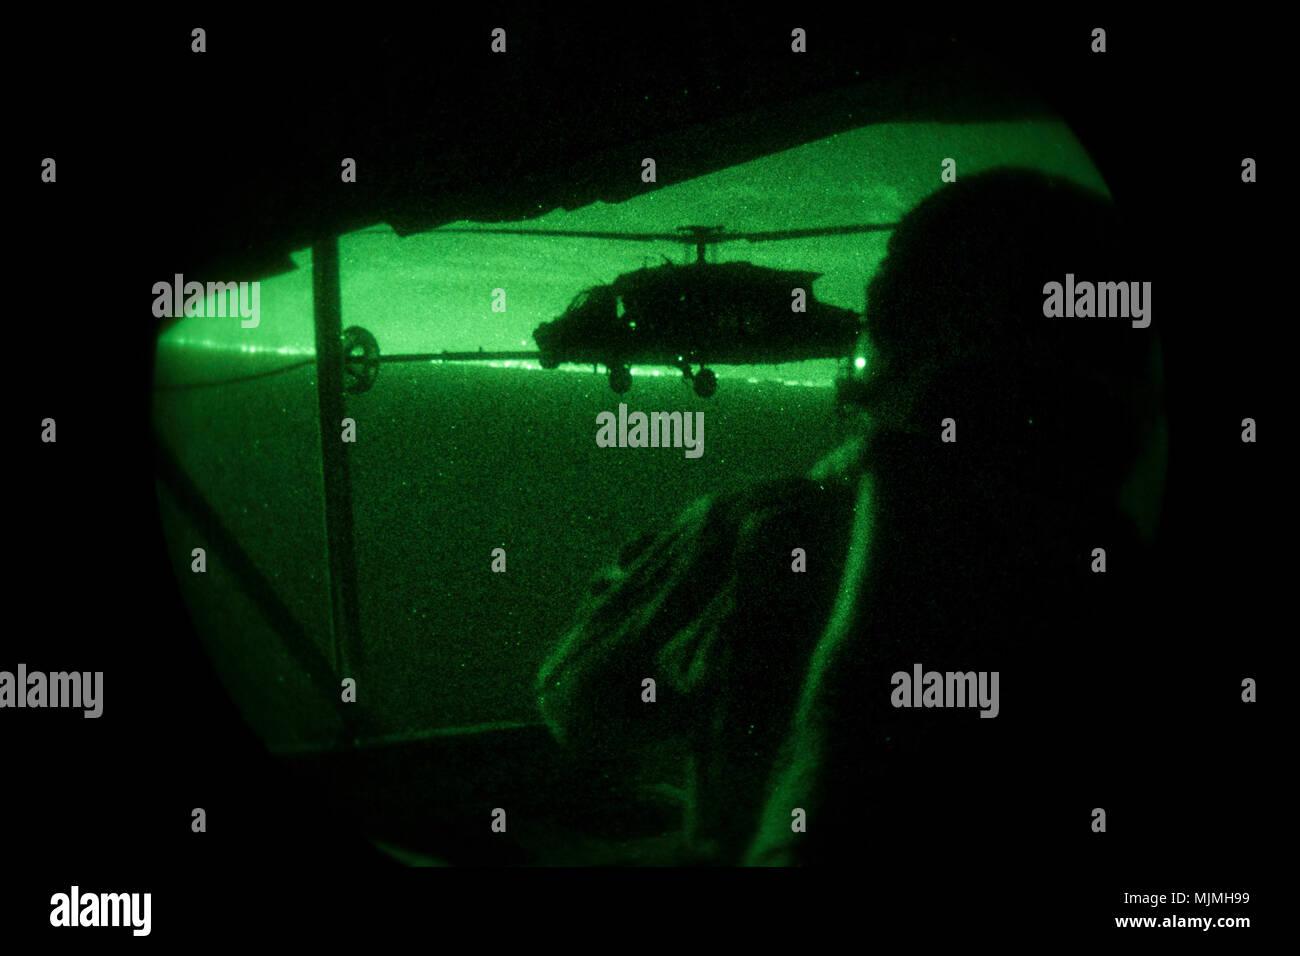 Orologio sveglia con telecamera spia wi fi con visione notturna